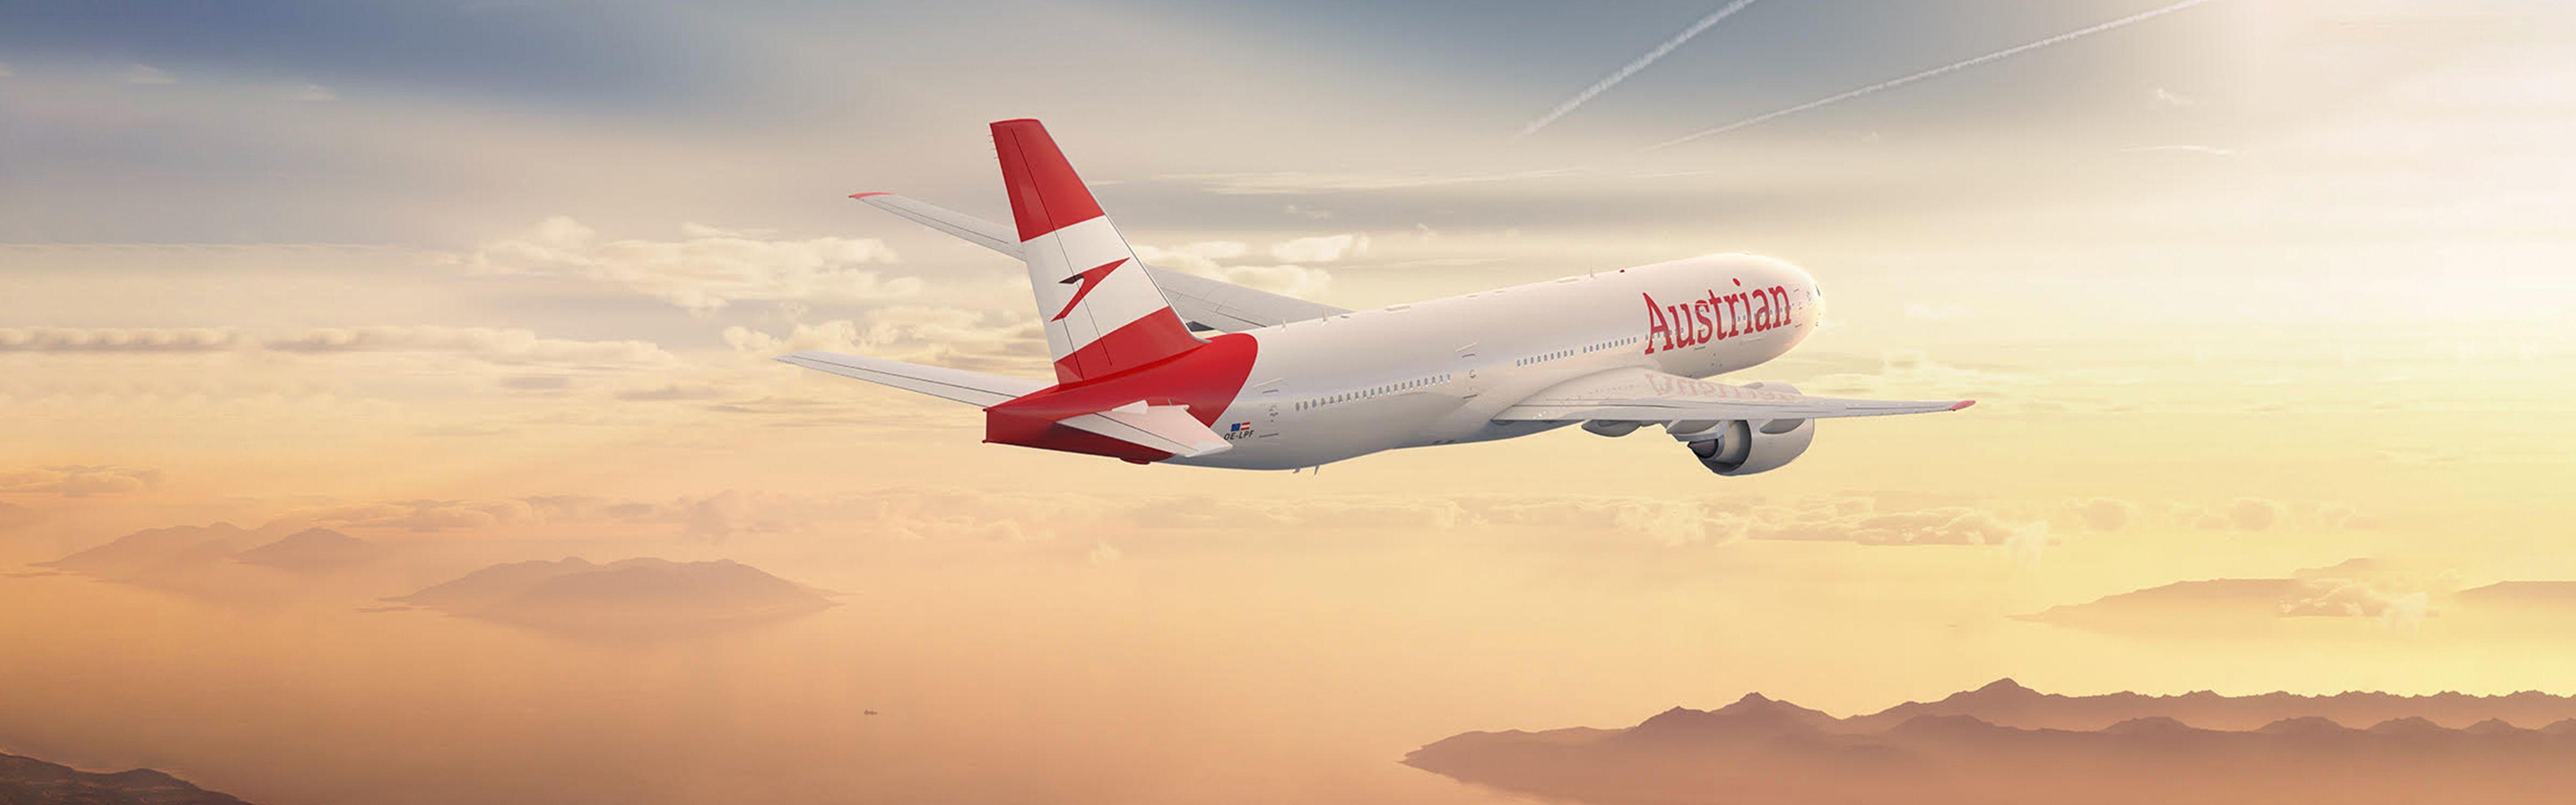 奧地利航空全新品牌宣傳活動:華爾茲舞向世界